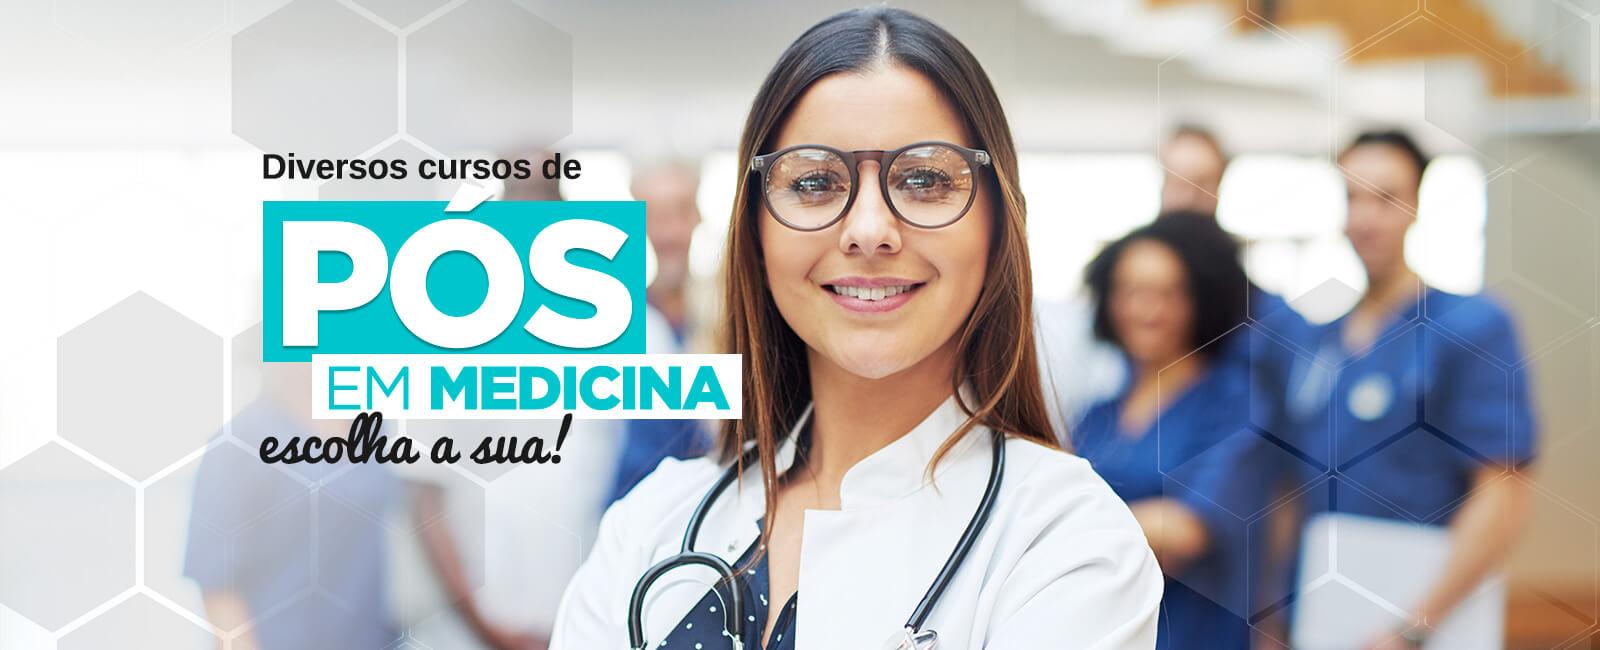 Diversos cursos de Pós em Medicina, escolha a sua!